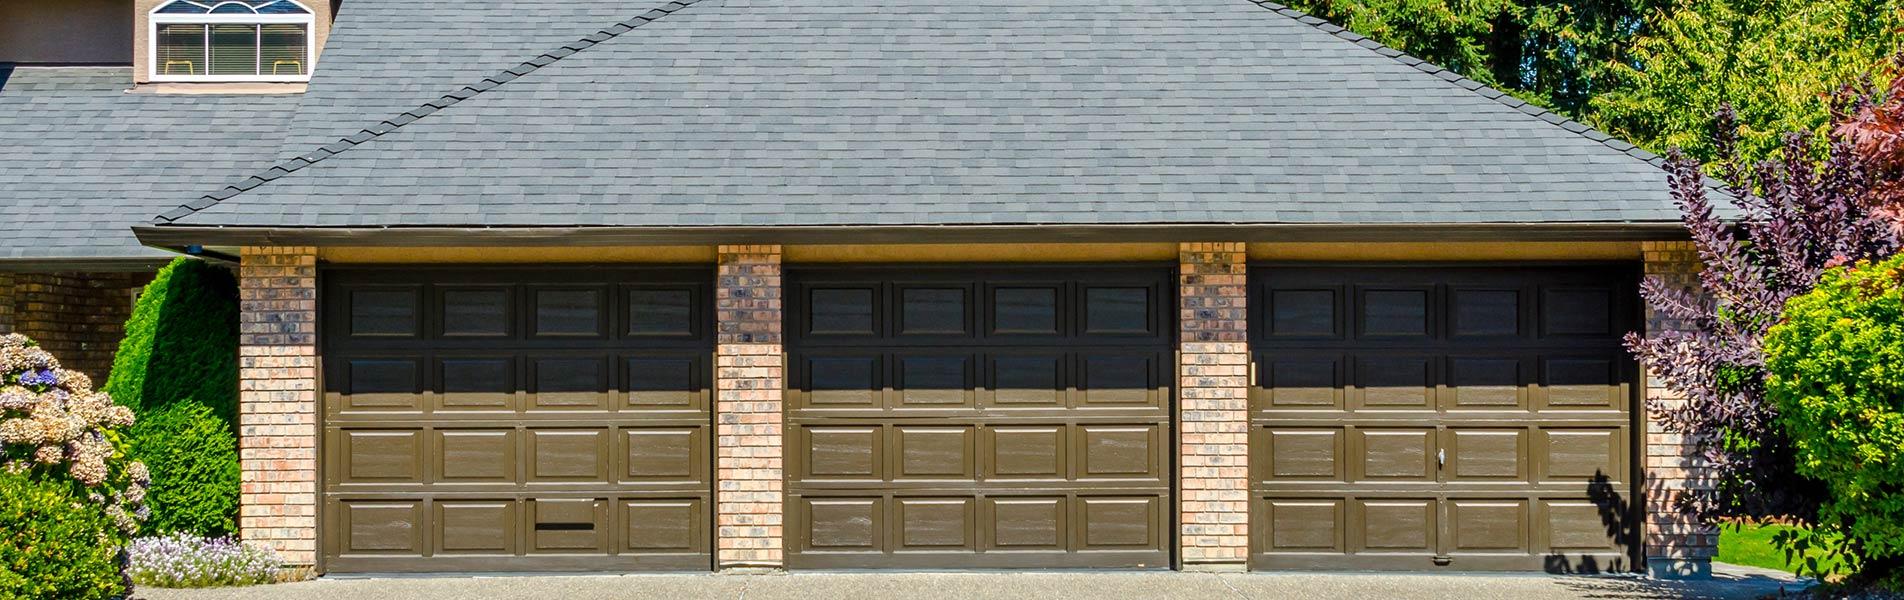 Two Guys Garage Doors Garage Door Install San Leandro Ca 510